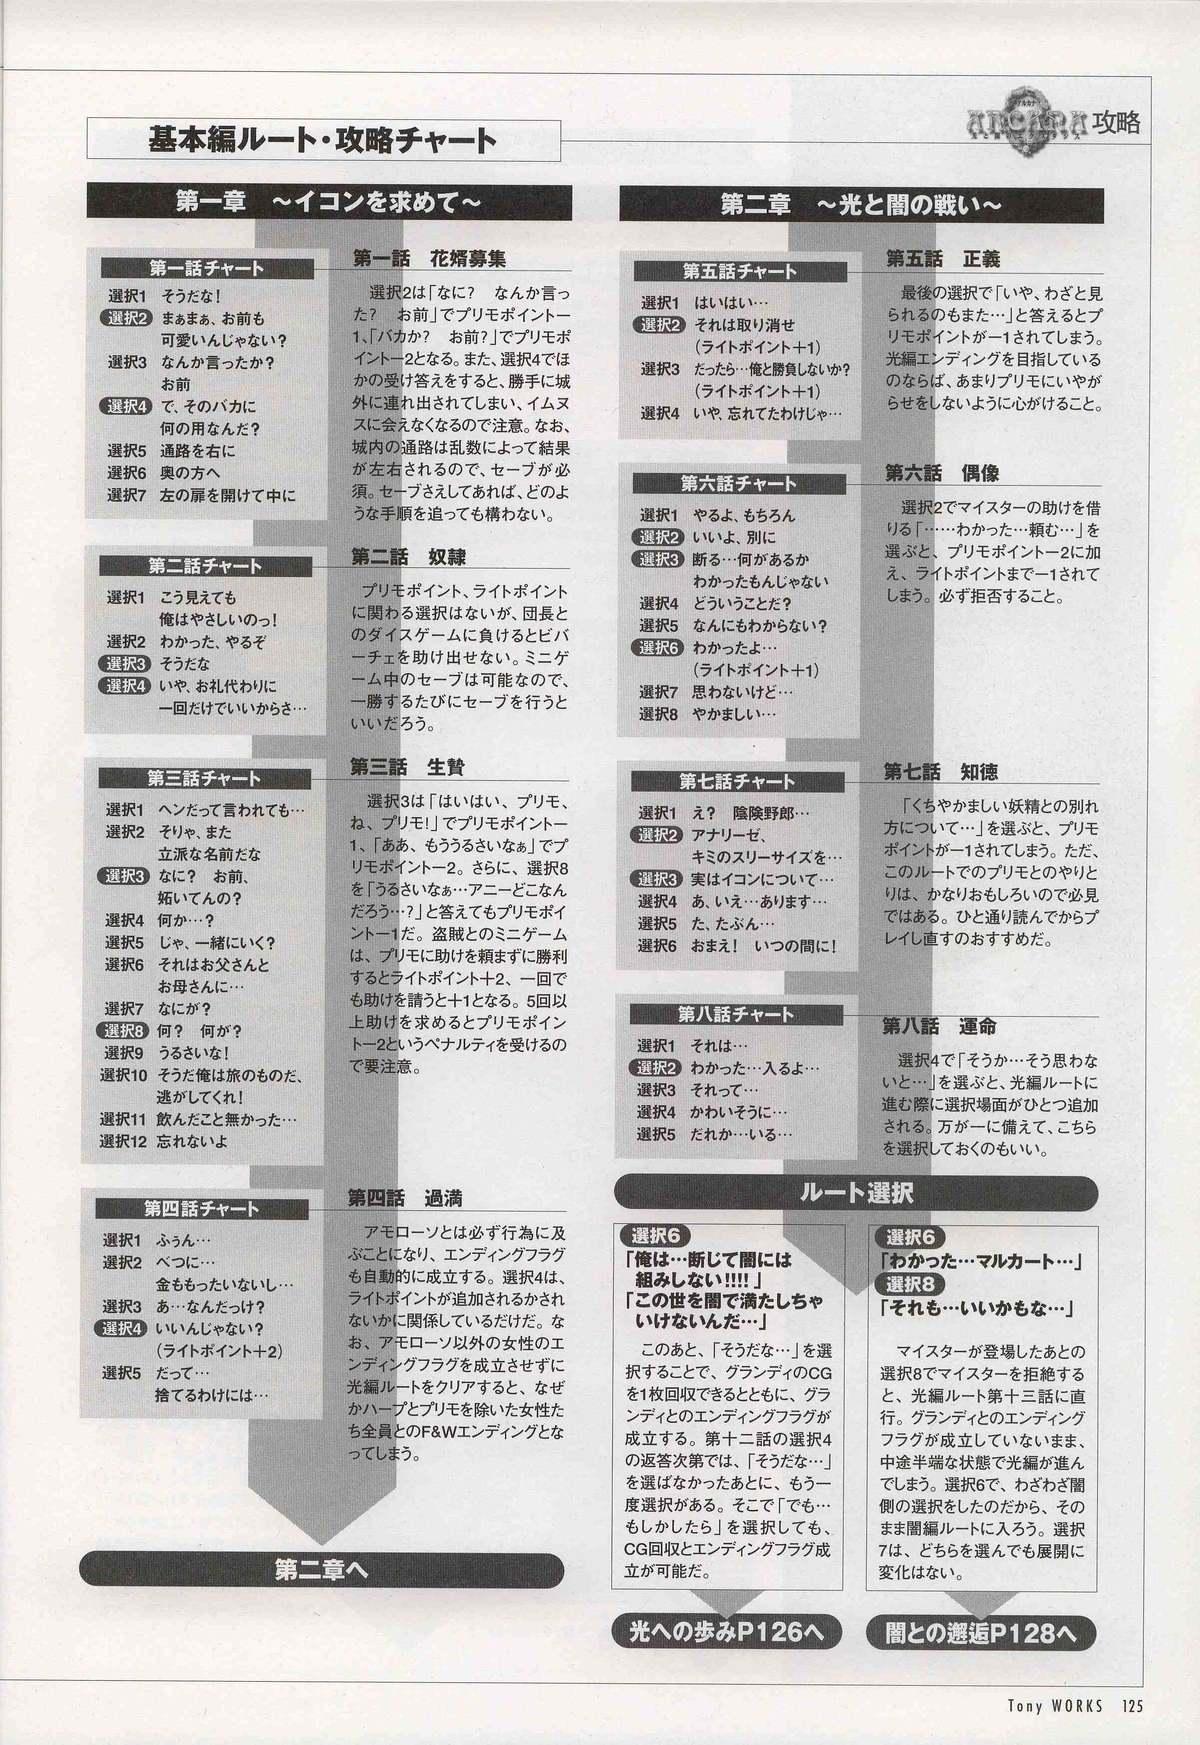 御魂~忍~×ARCANA~光と闇のエクスタシス~二作品原画 129